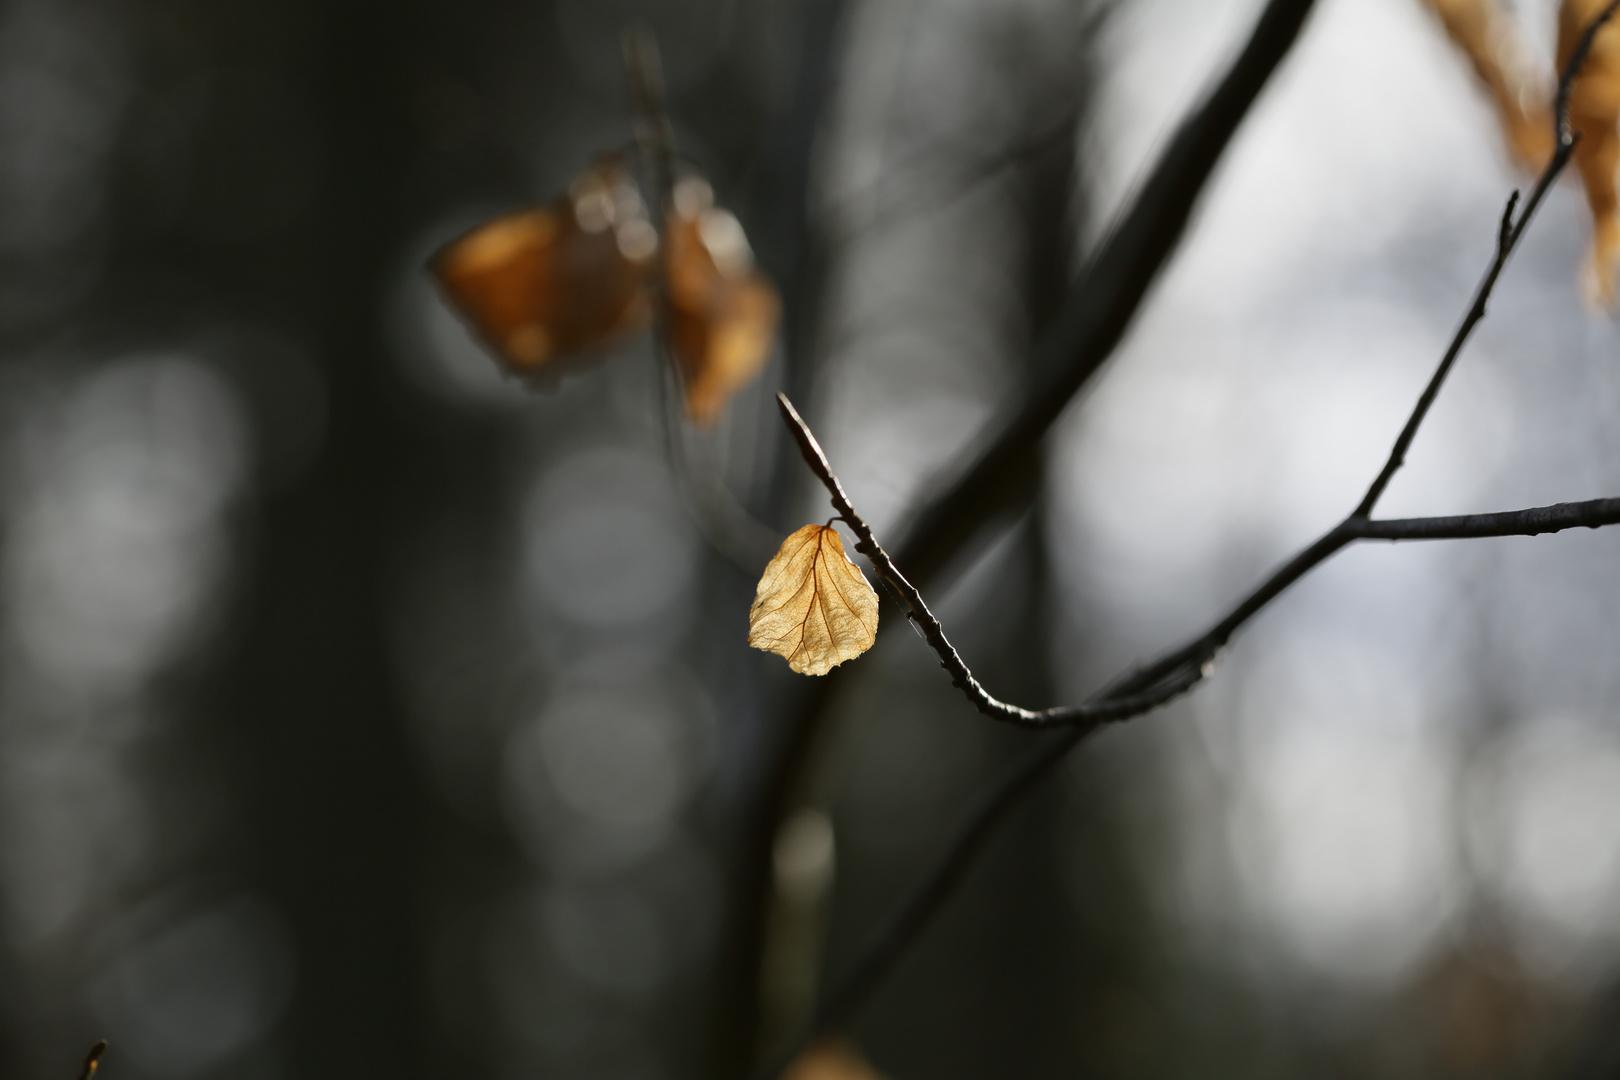 Ach, in der Wald-...